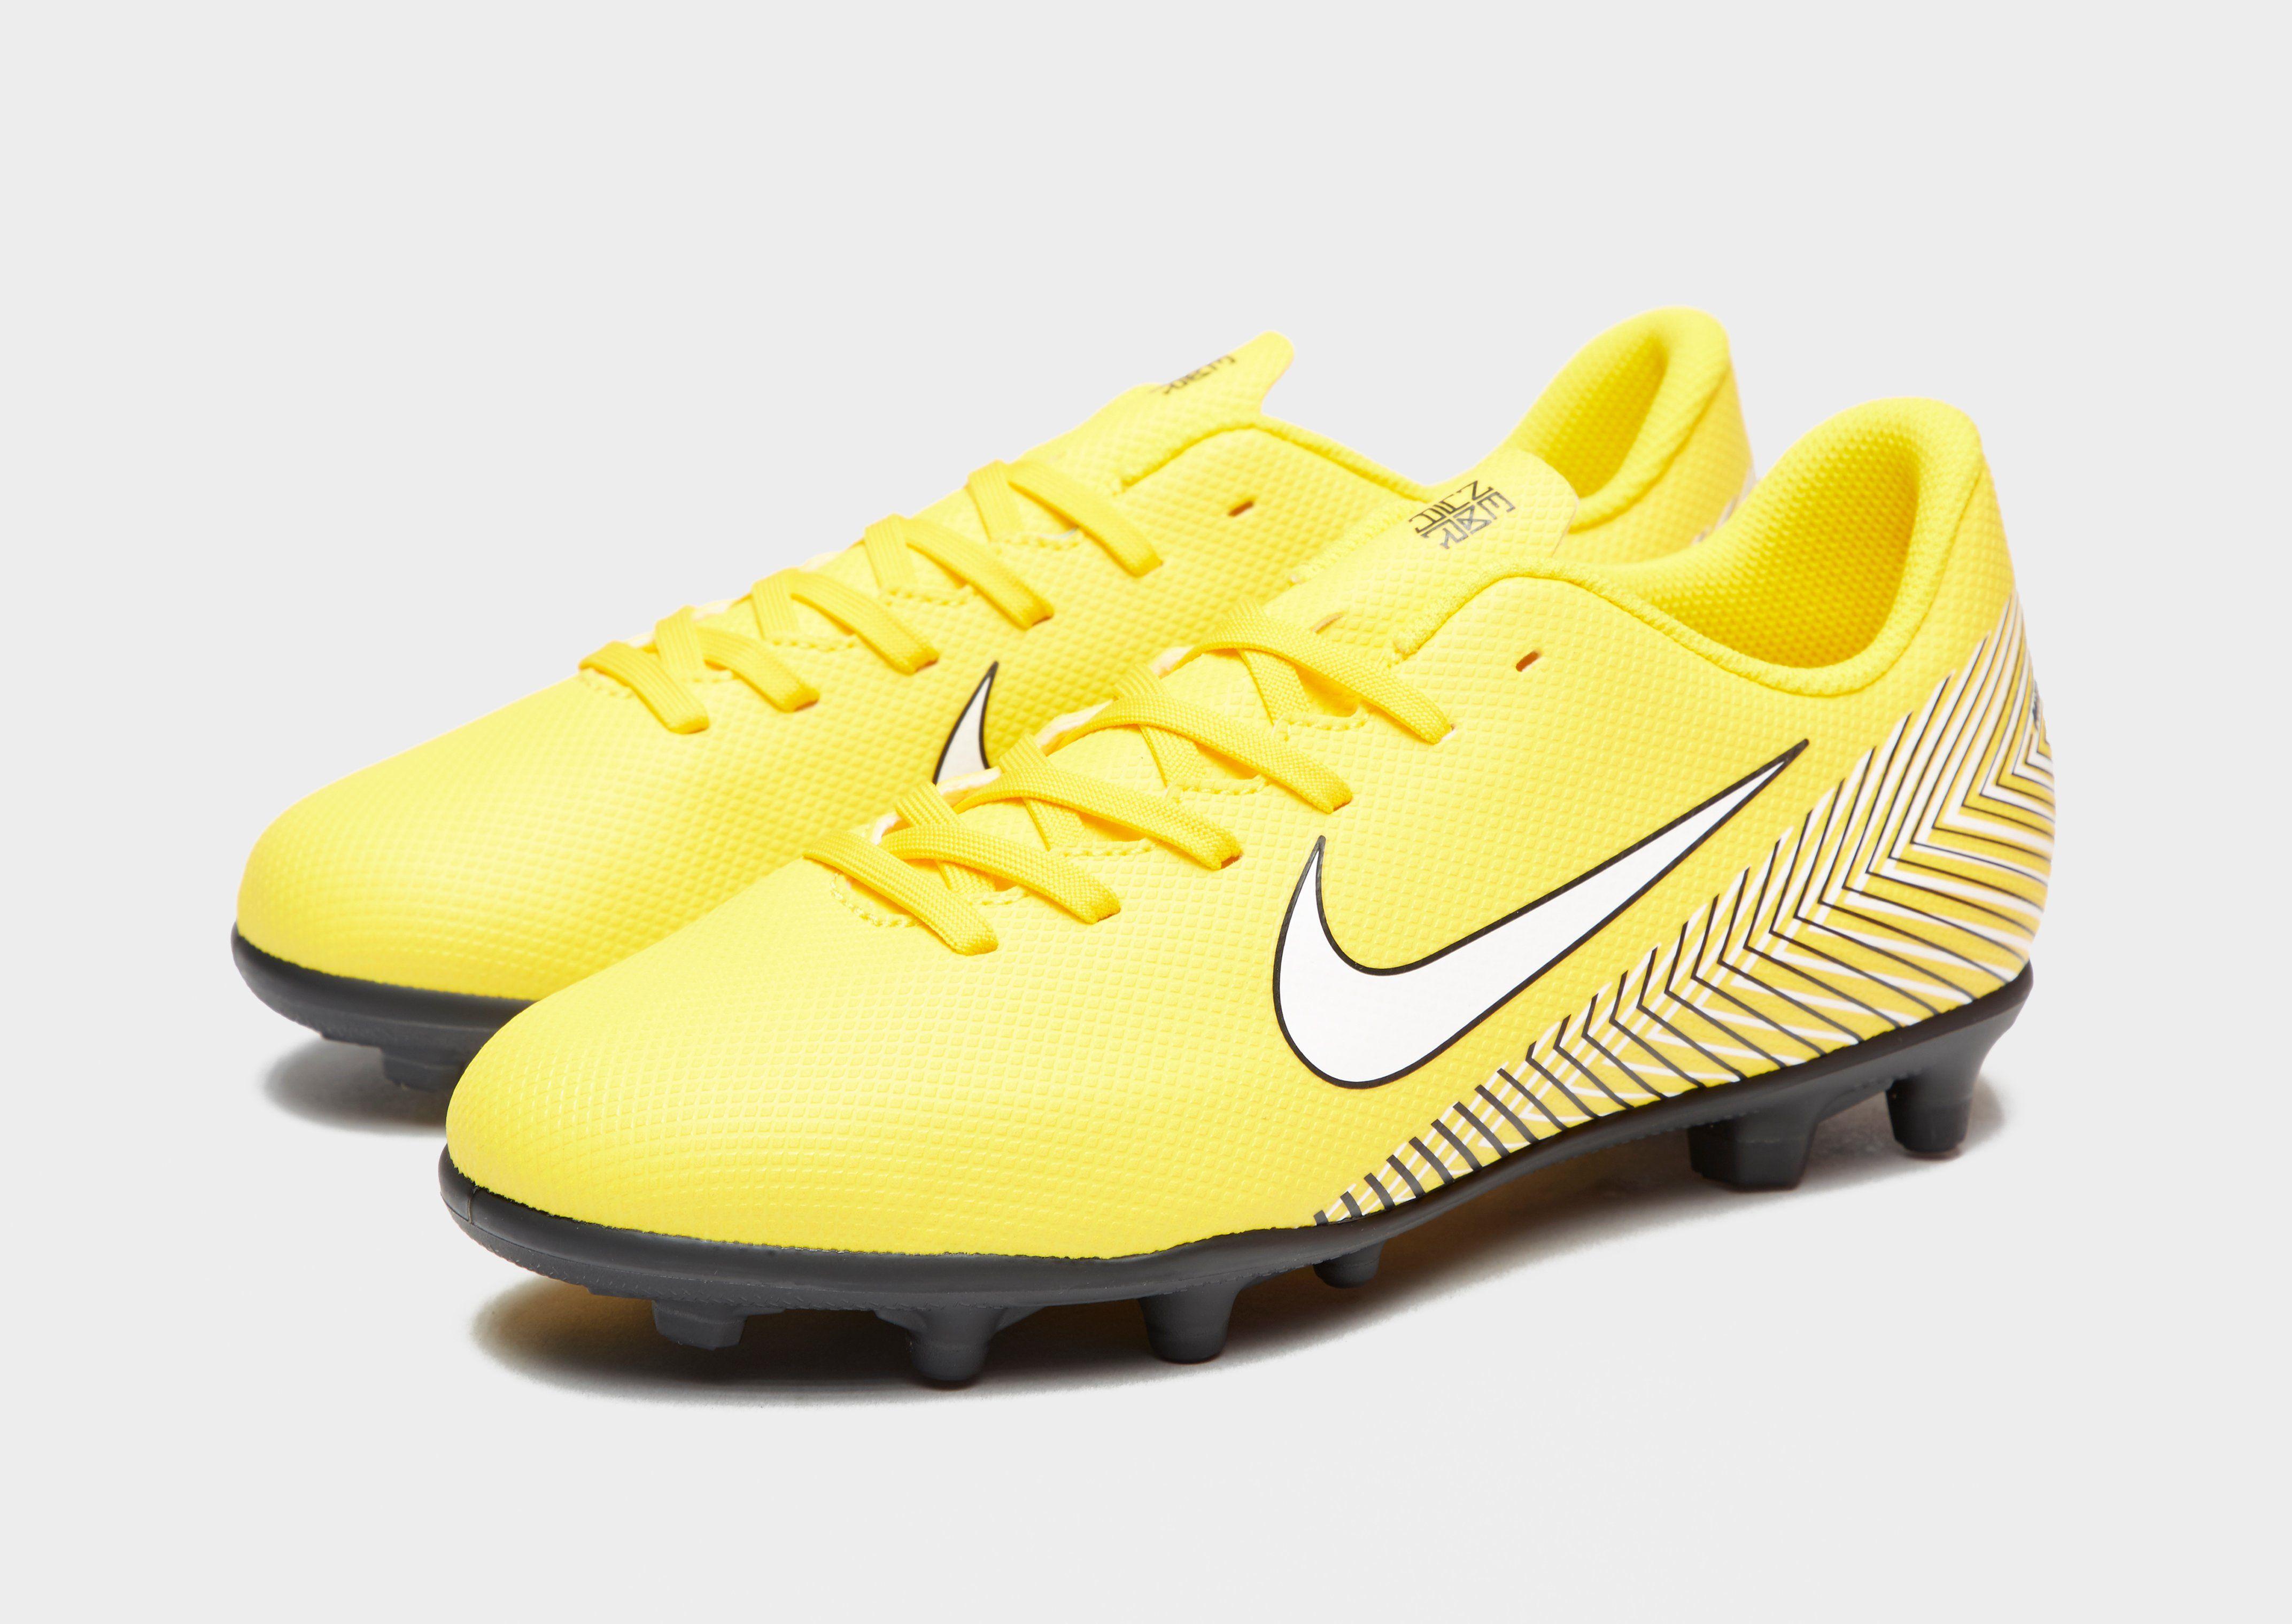 Nike Meu Jogo Mercurial Vapor Neymar Jr MG Junior